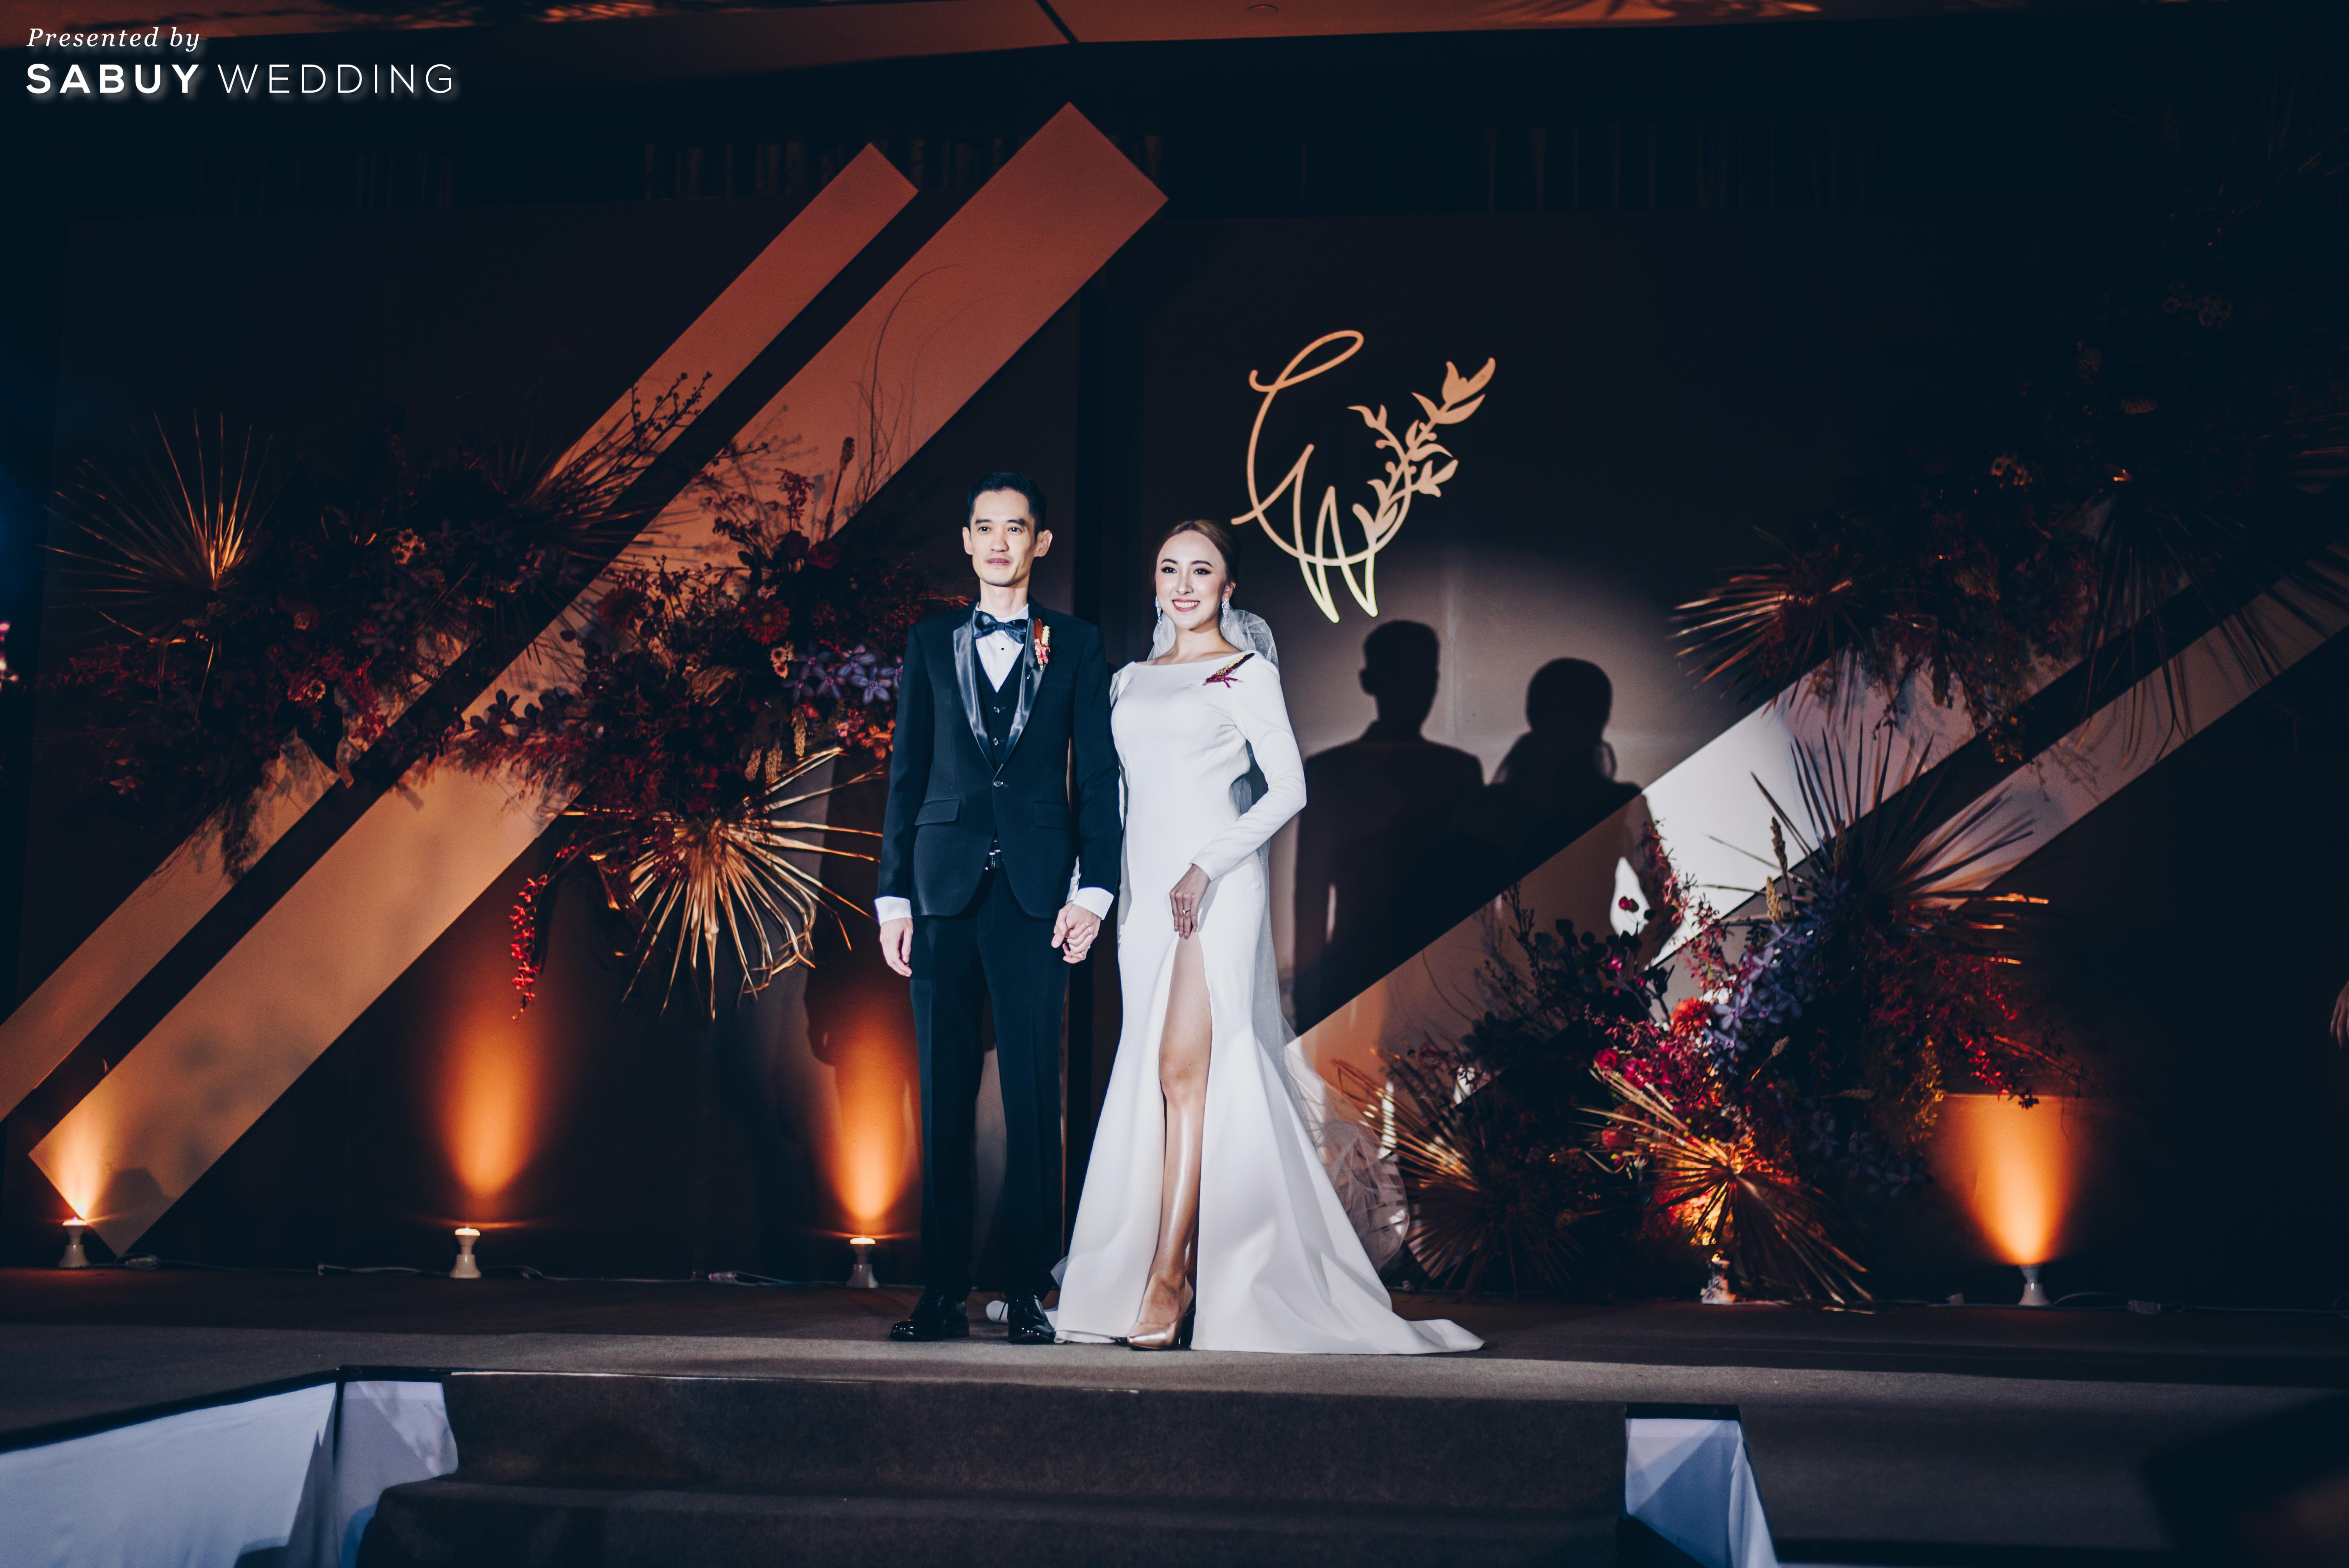 รีวิวงานแต่งสวยมีสไตล์ รวมงานดีไซน์กิมมิคเพียบ @ The St. Regis Bangkok